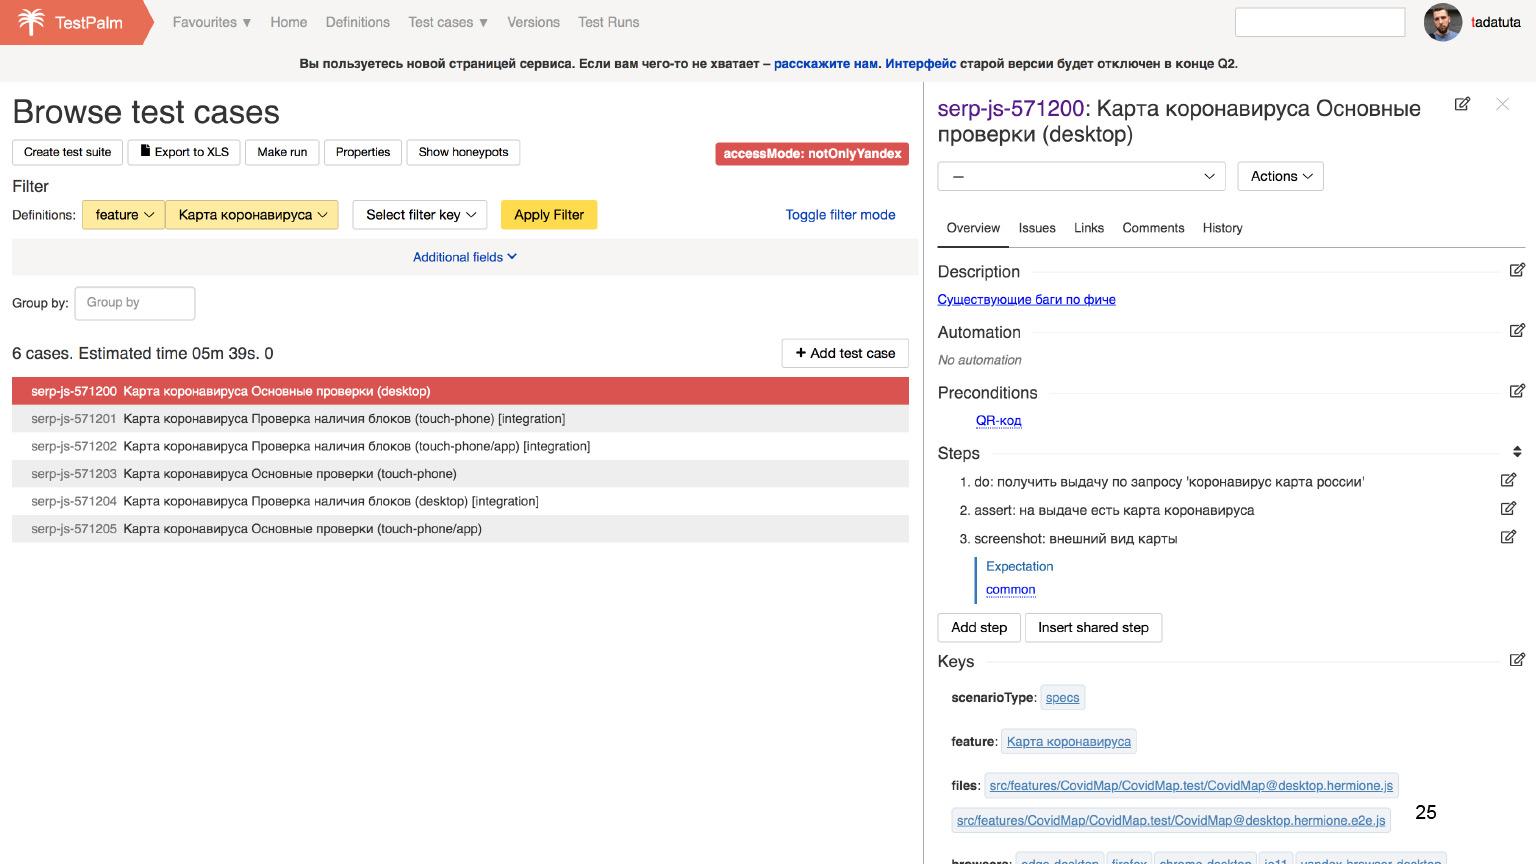 Автоматизация тестирования на максималках. Доклад Яндекса - 16